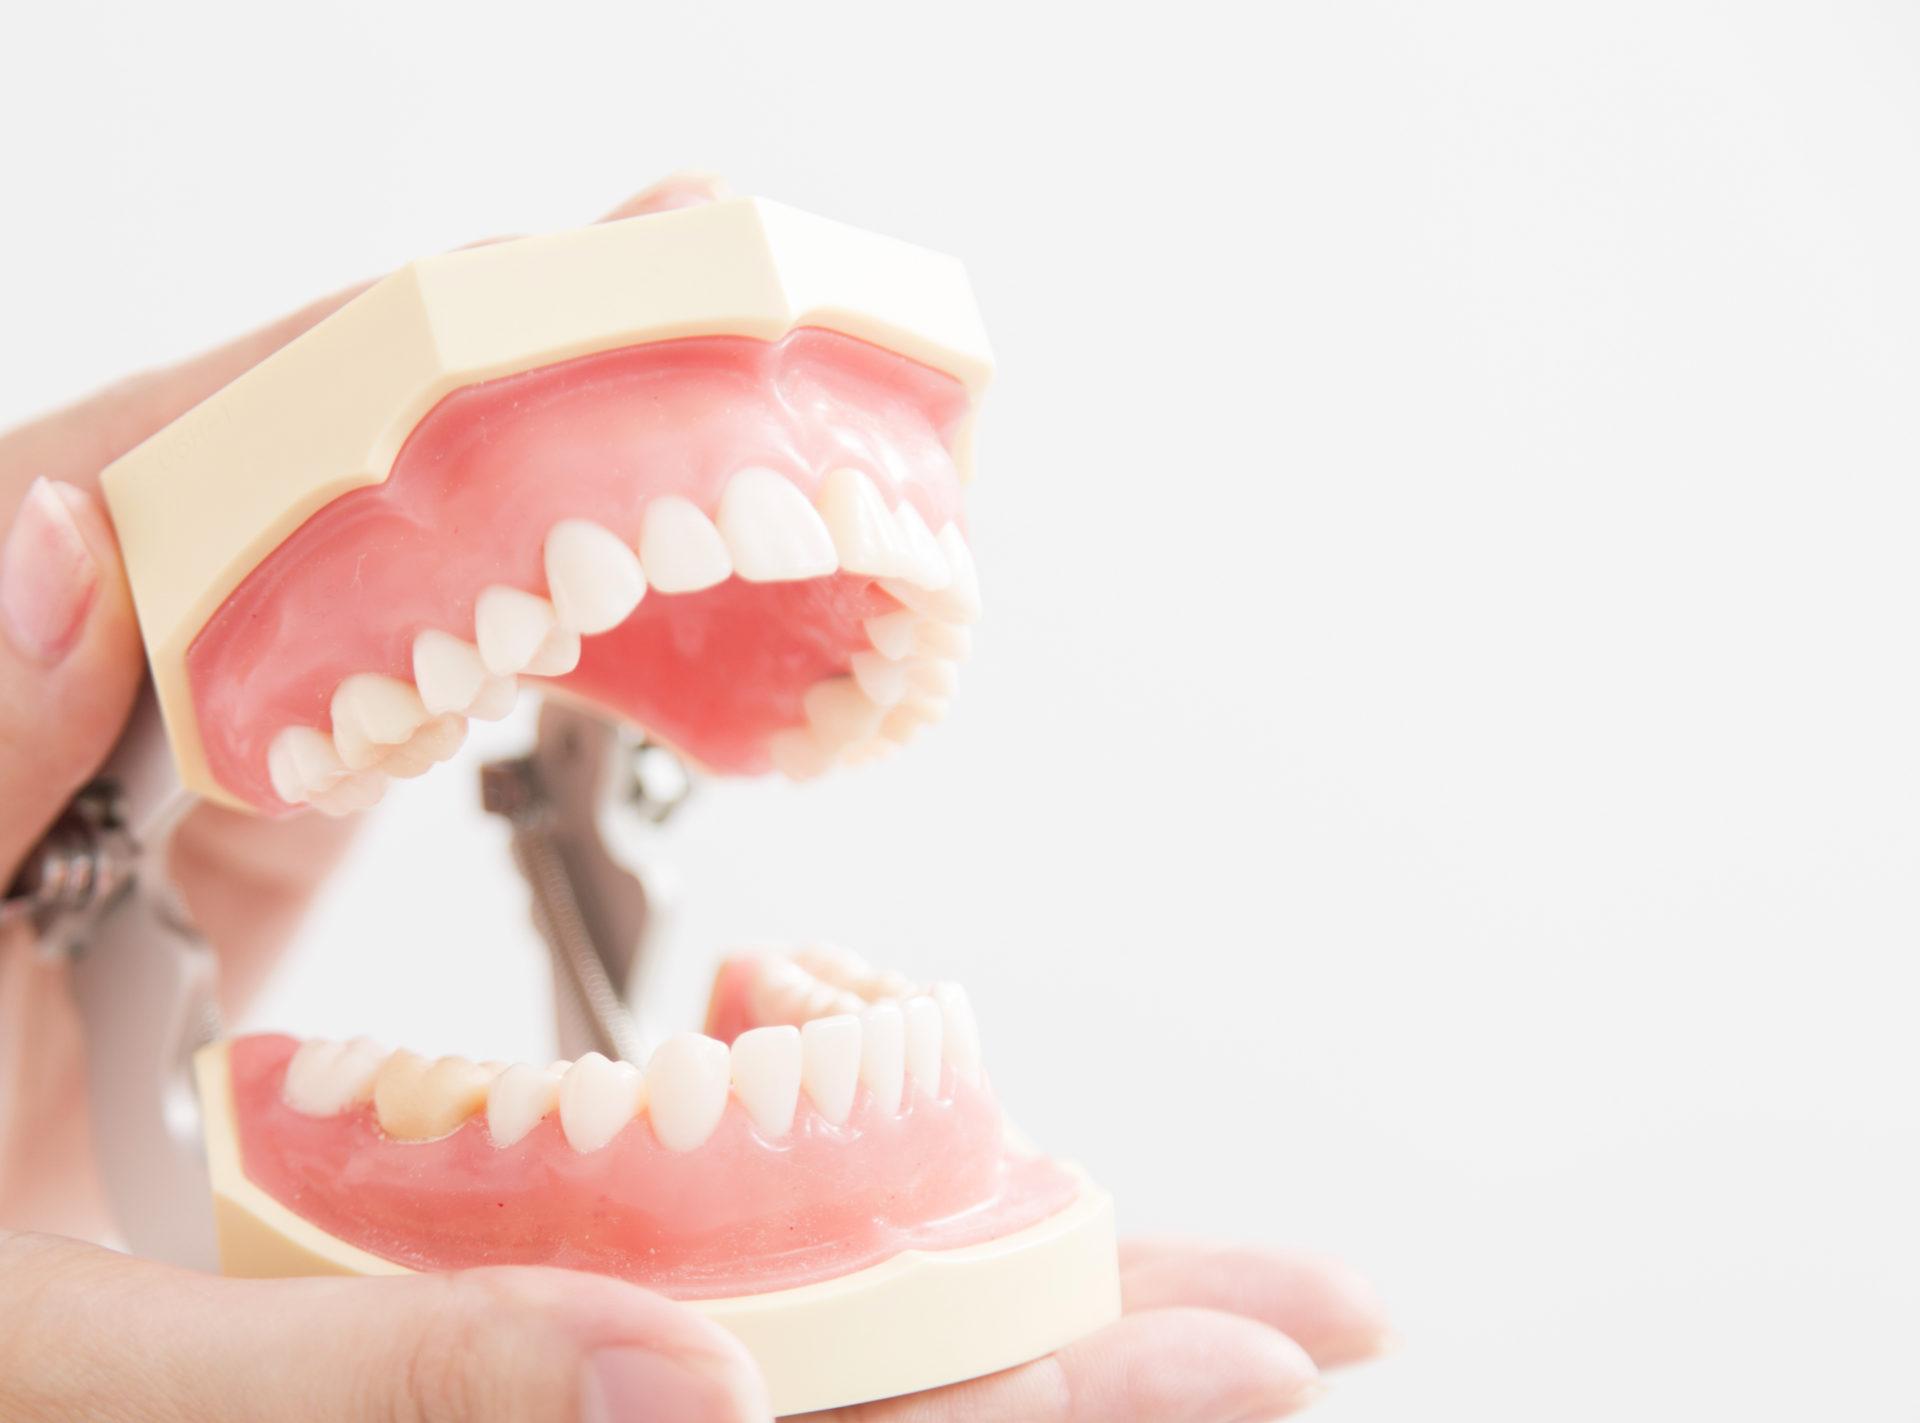 顎関節症・かみ合わせ